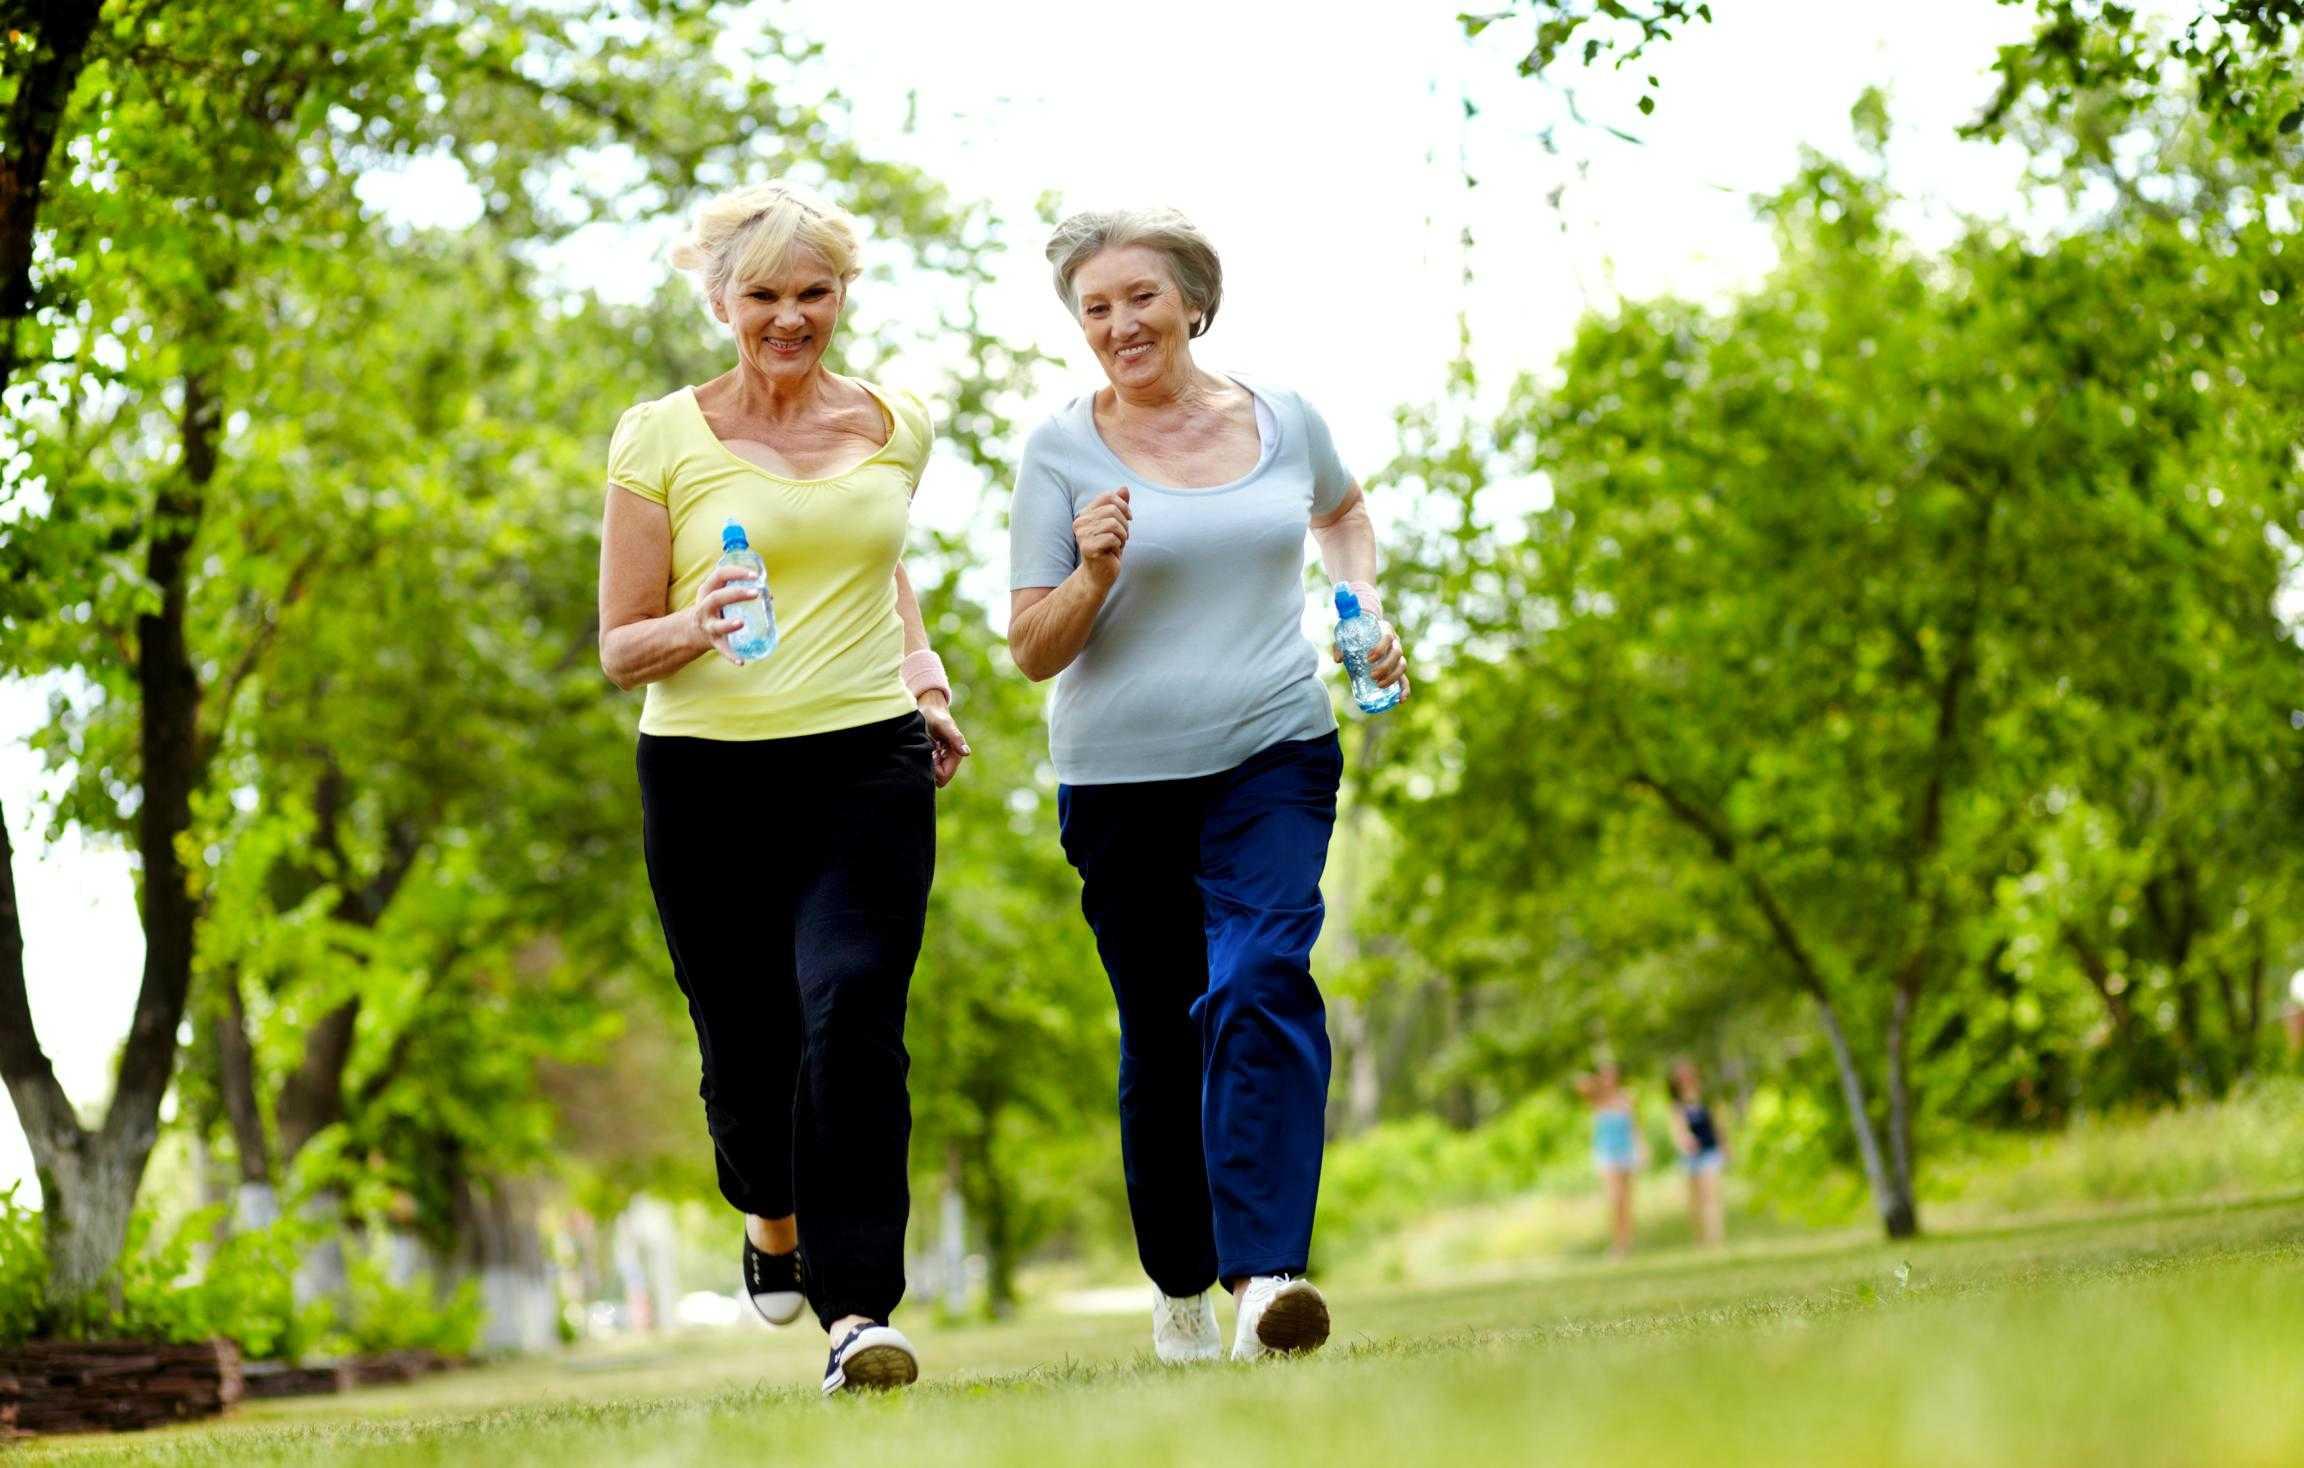 Активный образ жизни: занятия физкультурой, спорт, туризм. активный отдых :: syl.ru